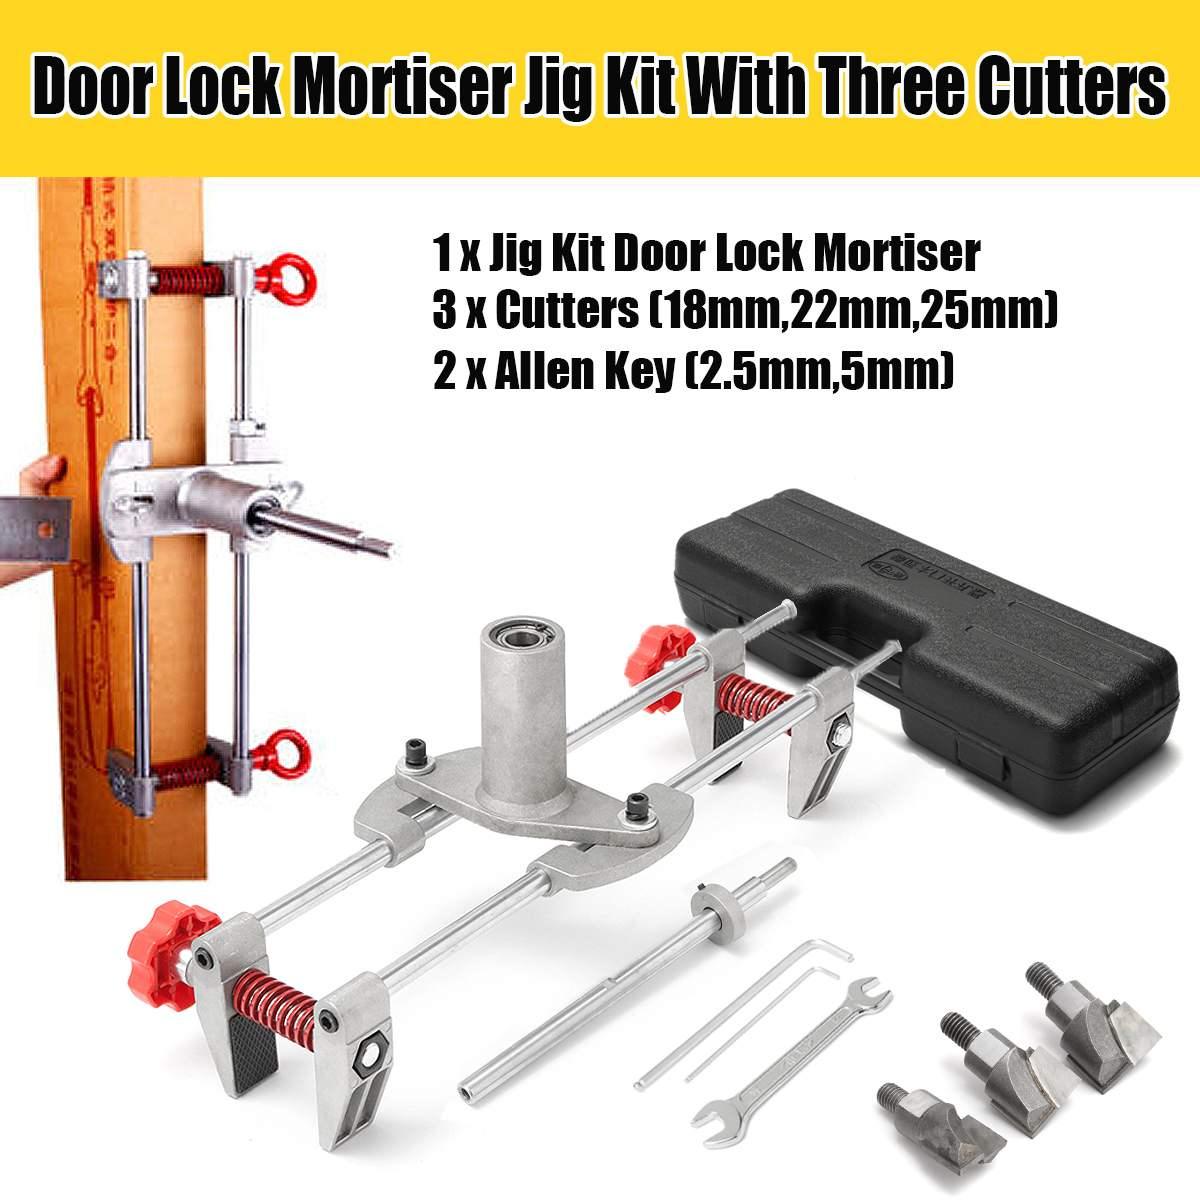 8 pièces Mortice porte raccord gabarit serrure mortaiseuse DBB clé JIG1 avec 3 coupeurs cas nouveau outil entretien ensemble